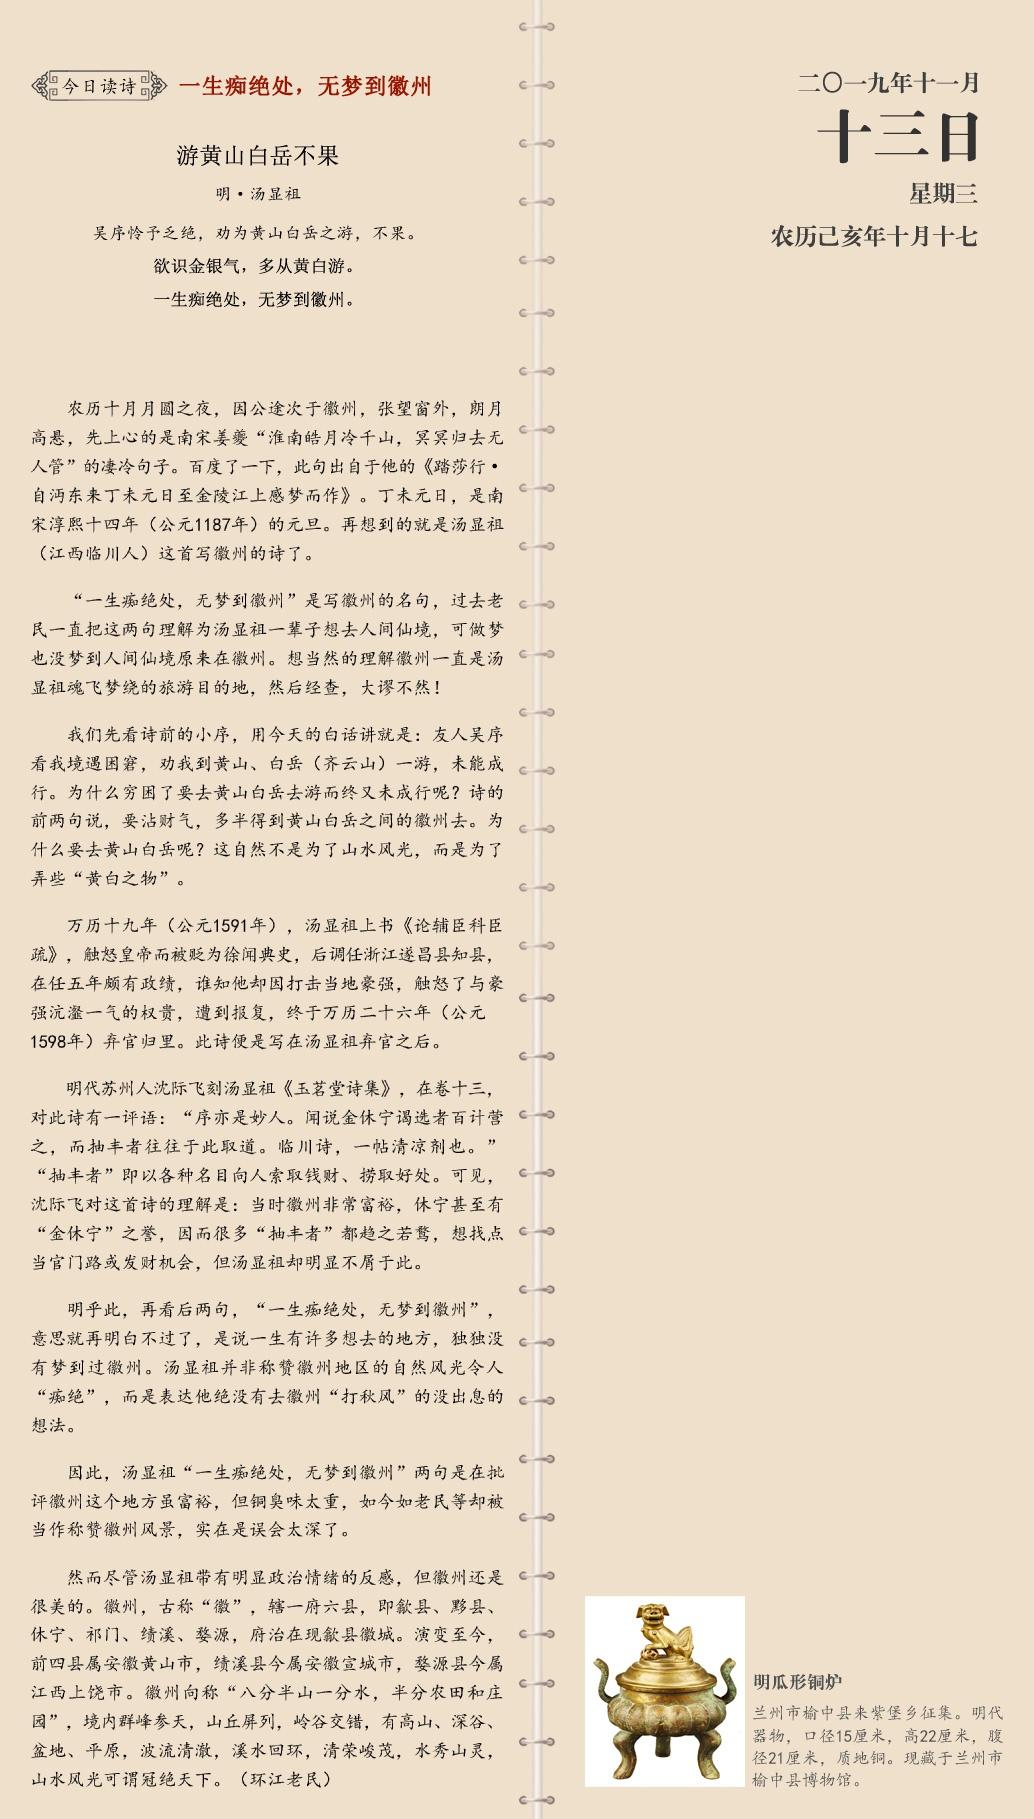 【清风诗历】今日读诗:一生痴绝处,无梦到徽州